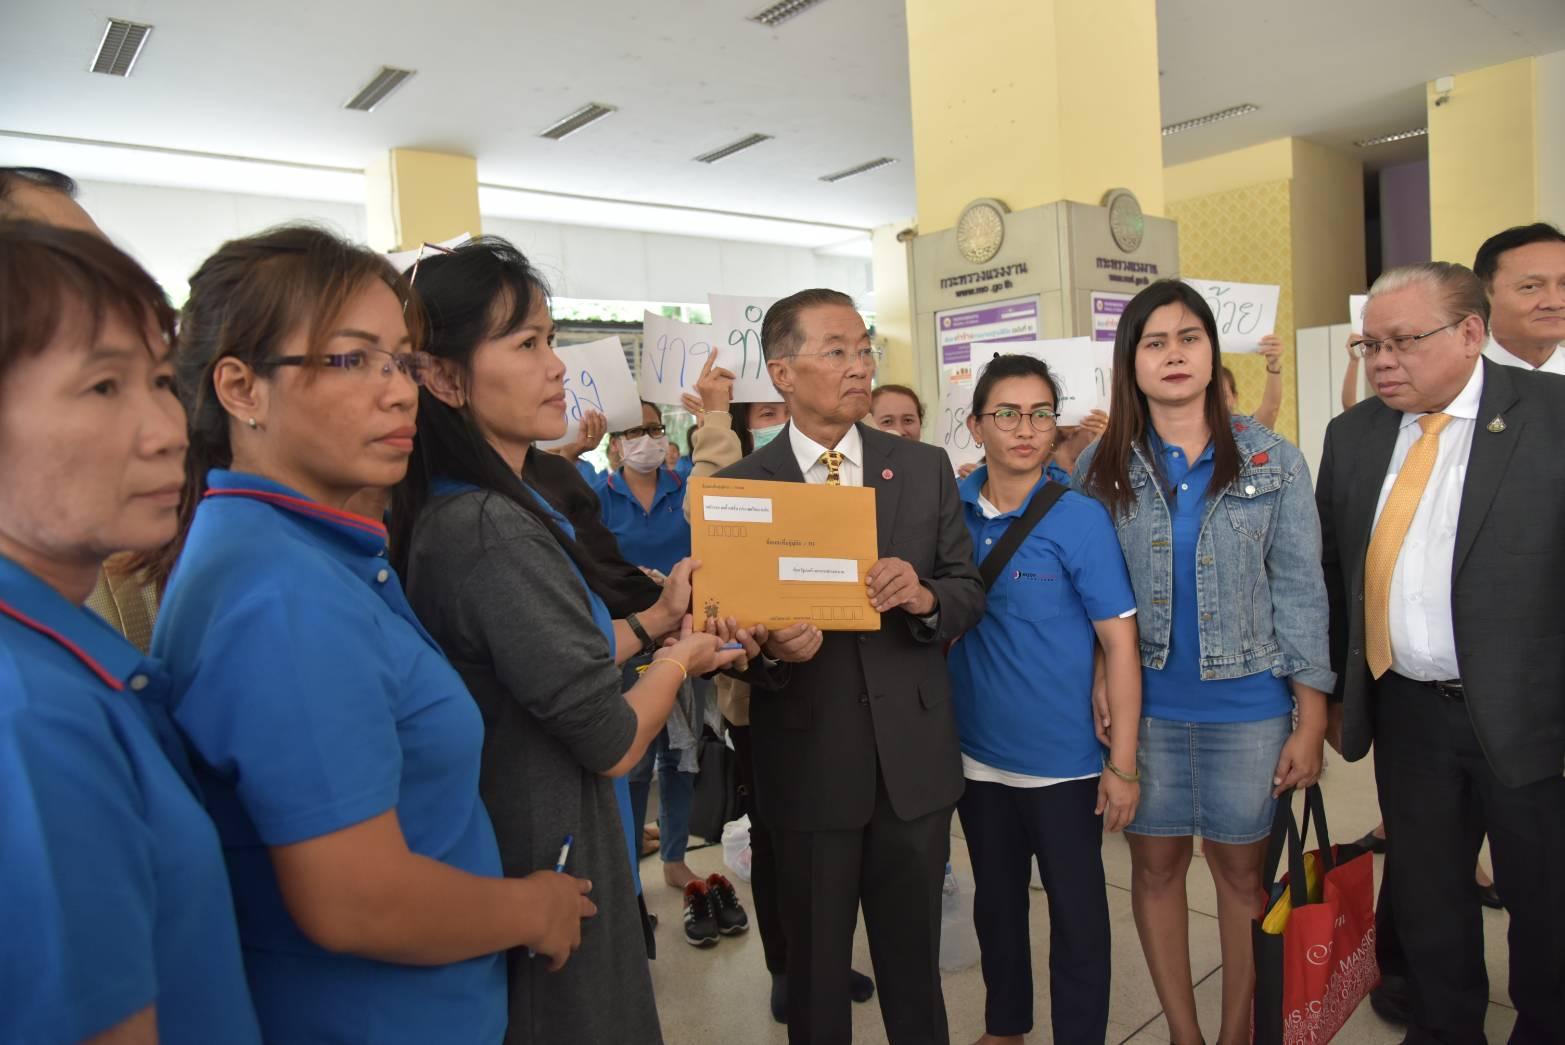 กระทรวงแรงงาน รับหนังสือข้อเสนอ จากลูกจ้างบริษัท บอดี้ แฟชั่น (ประเทศไทย) จำกัด สาขาบางพลี